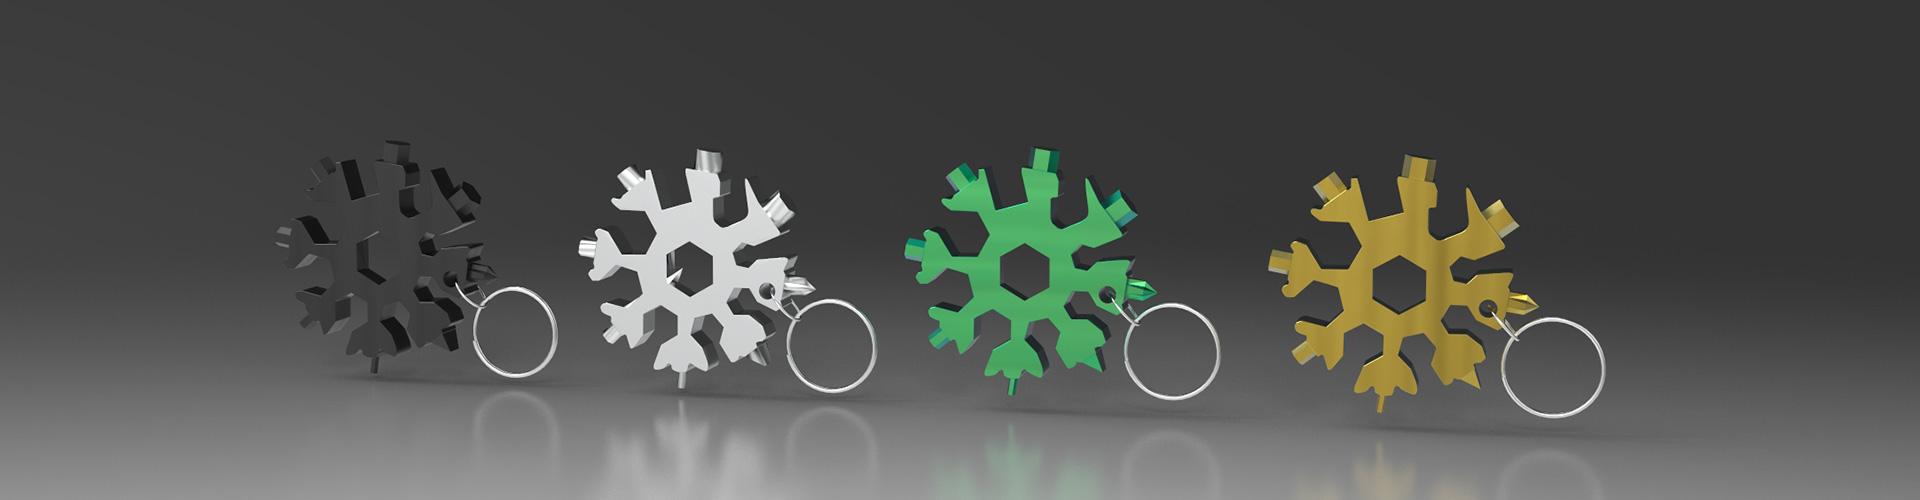 Multiflocke Erstes Bild - Snowflake - Multitool aus Metall